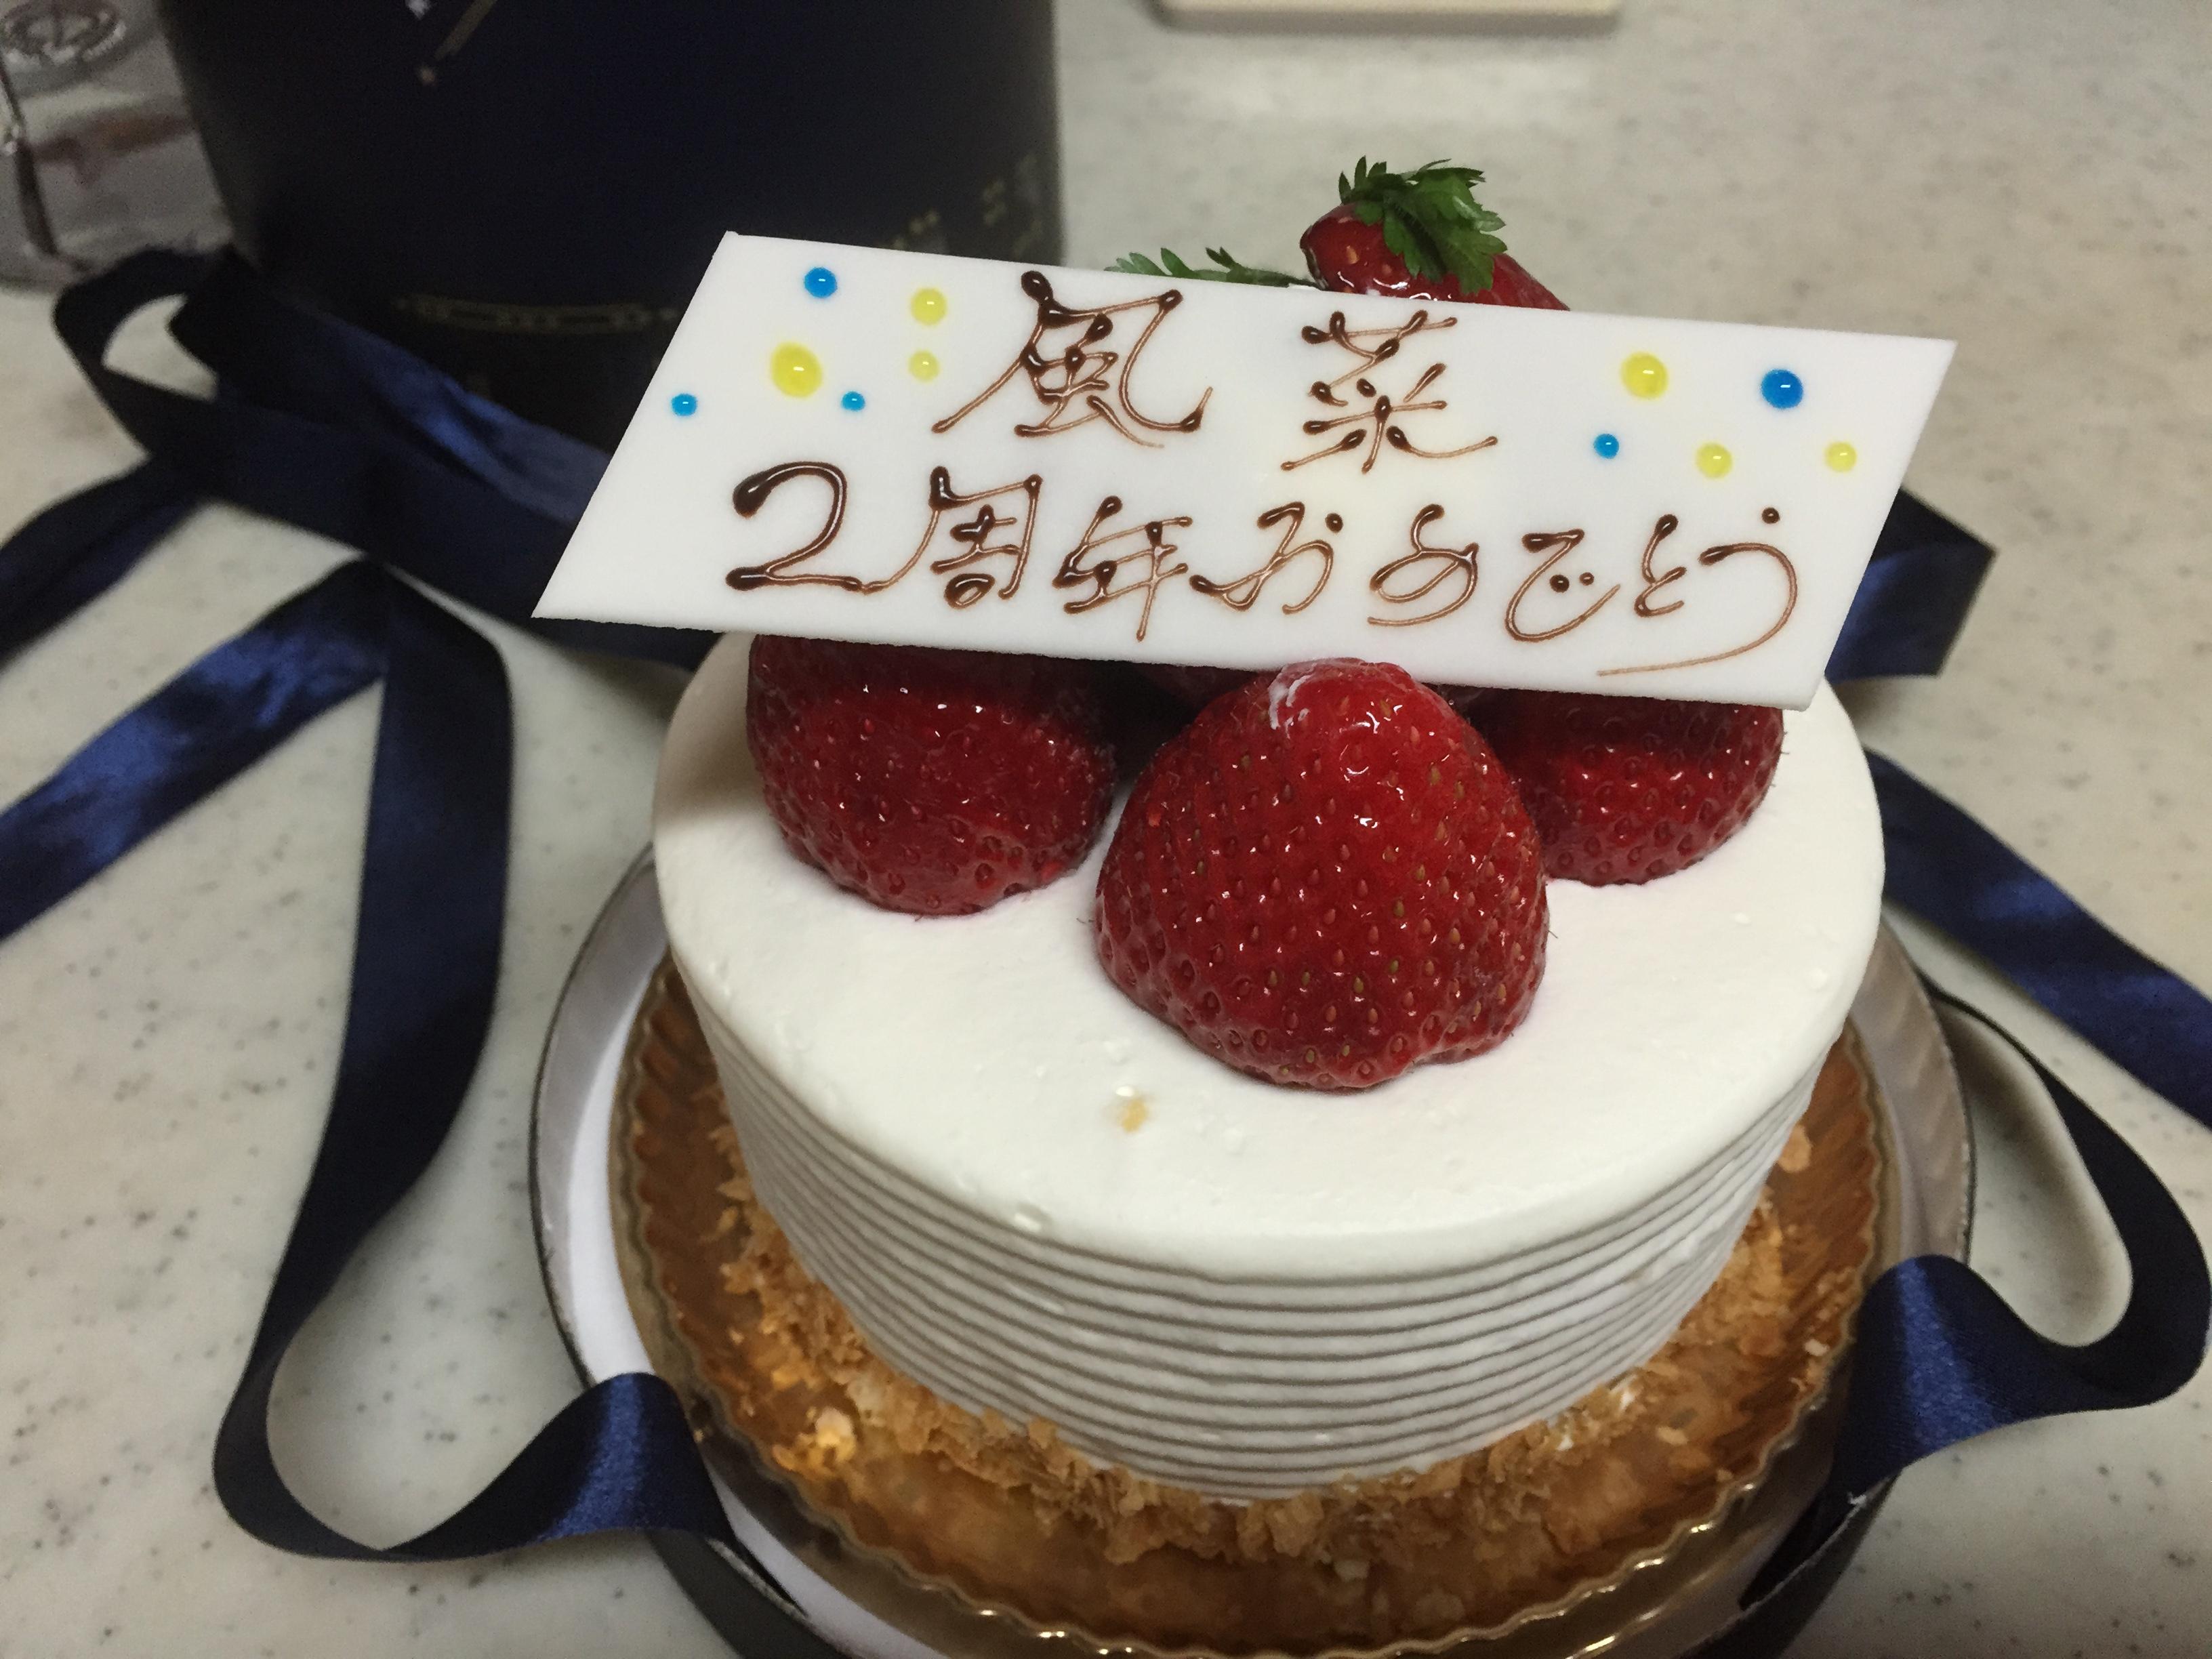 風菜ちゃん2周年おめでとう